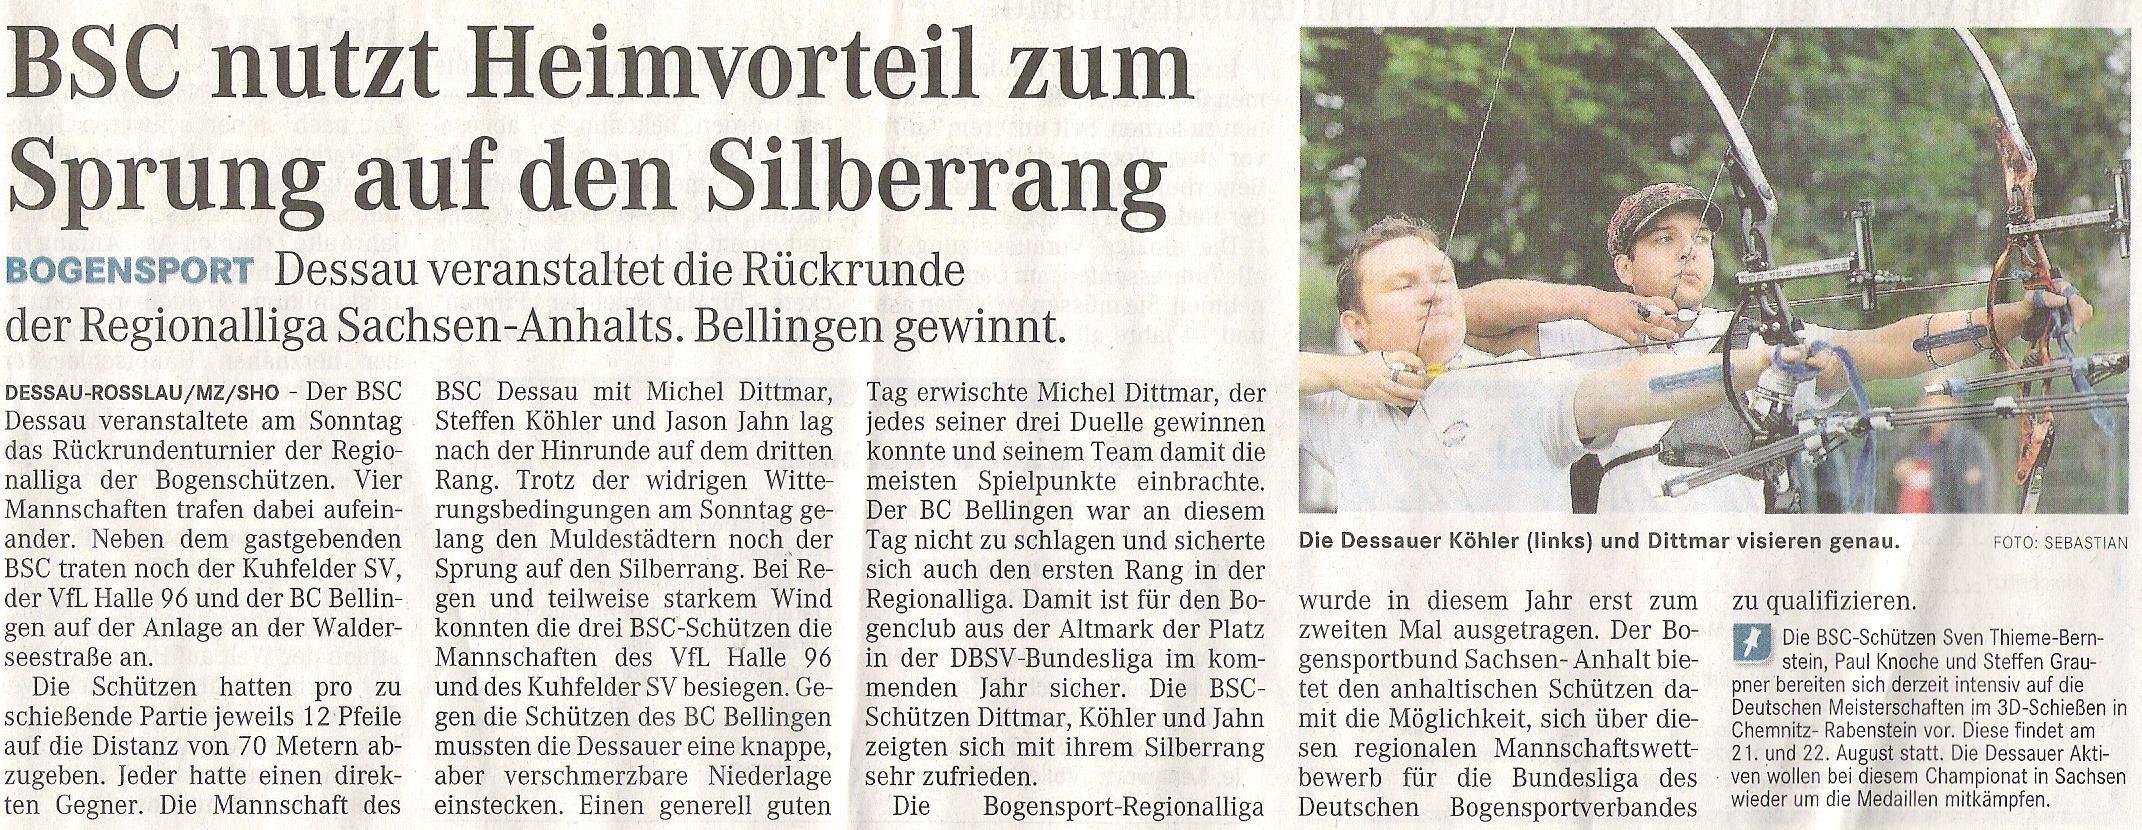 Regionalliga Rückrunde – Mitteldeutsche Zeitung vom 02.08.2011